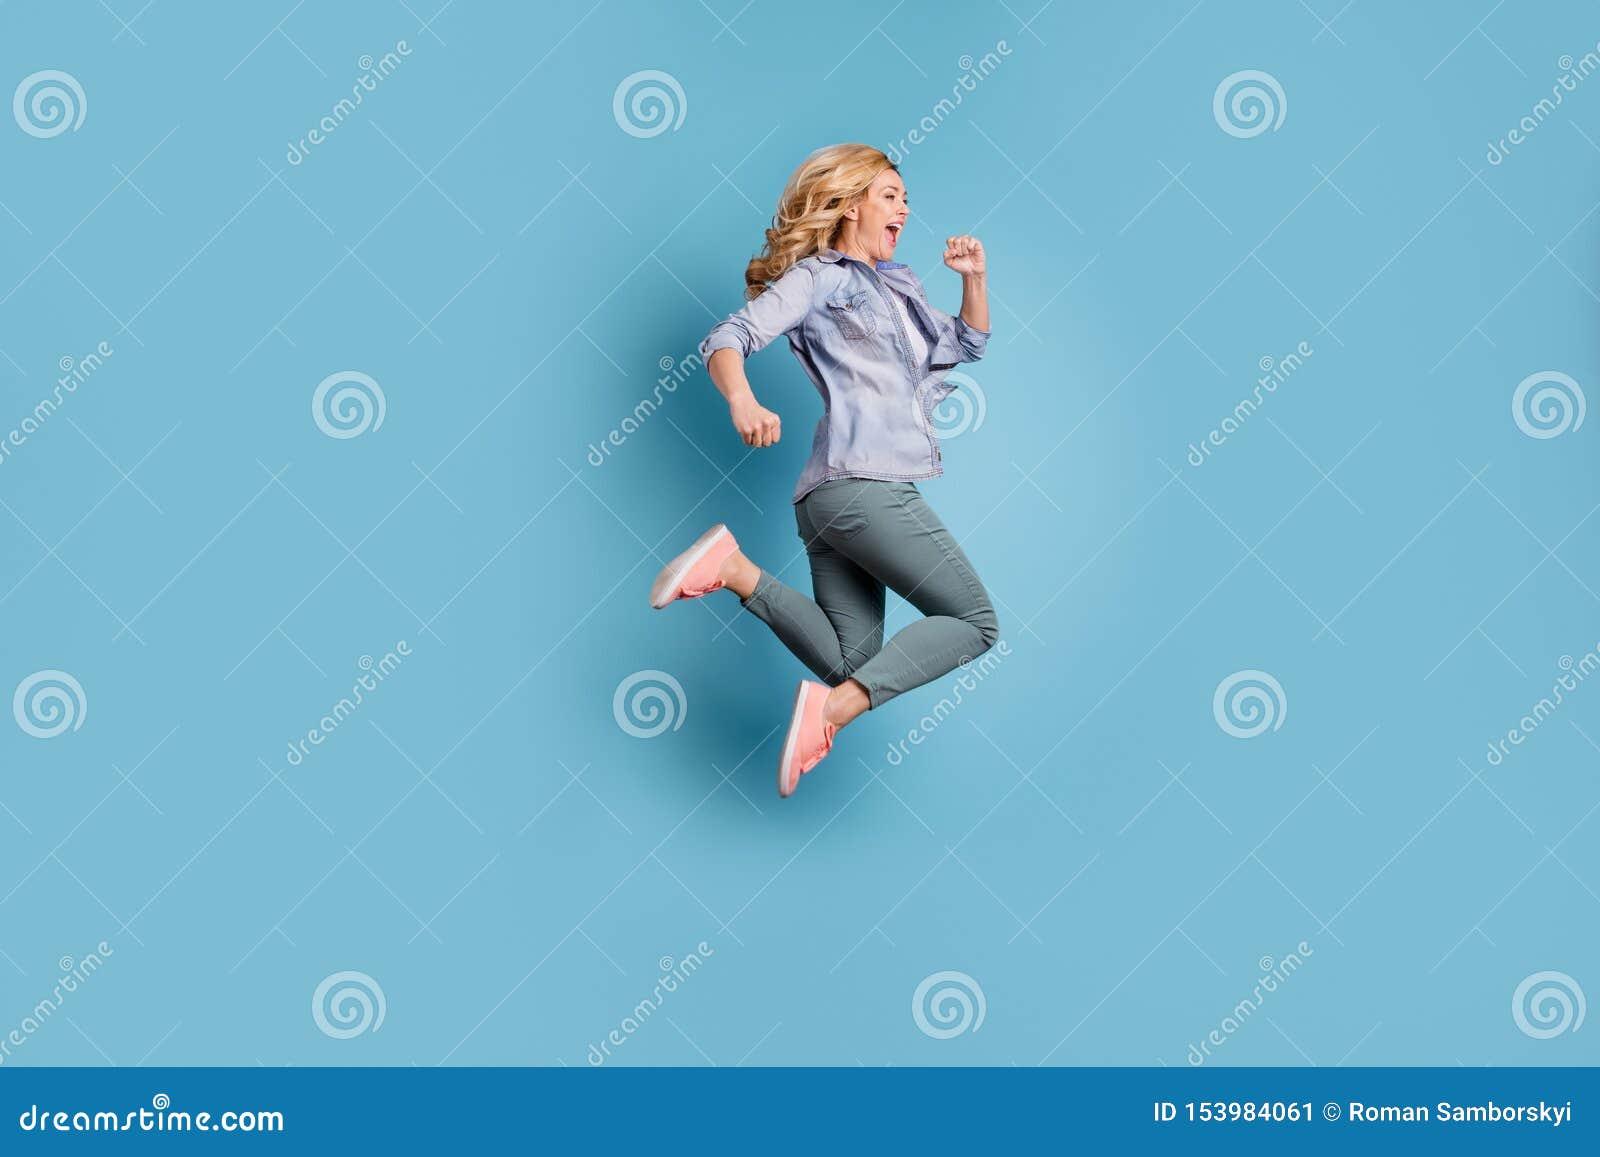 Фото стороны профиля полнометражное услаженных брюк брюк человека крича нося изолированных над голубой предпосылкой